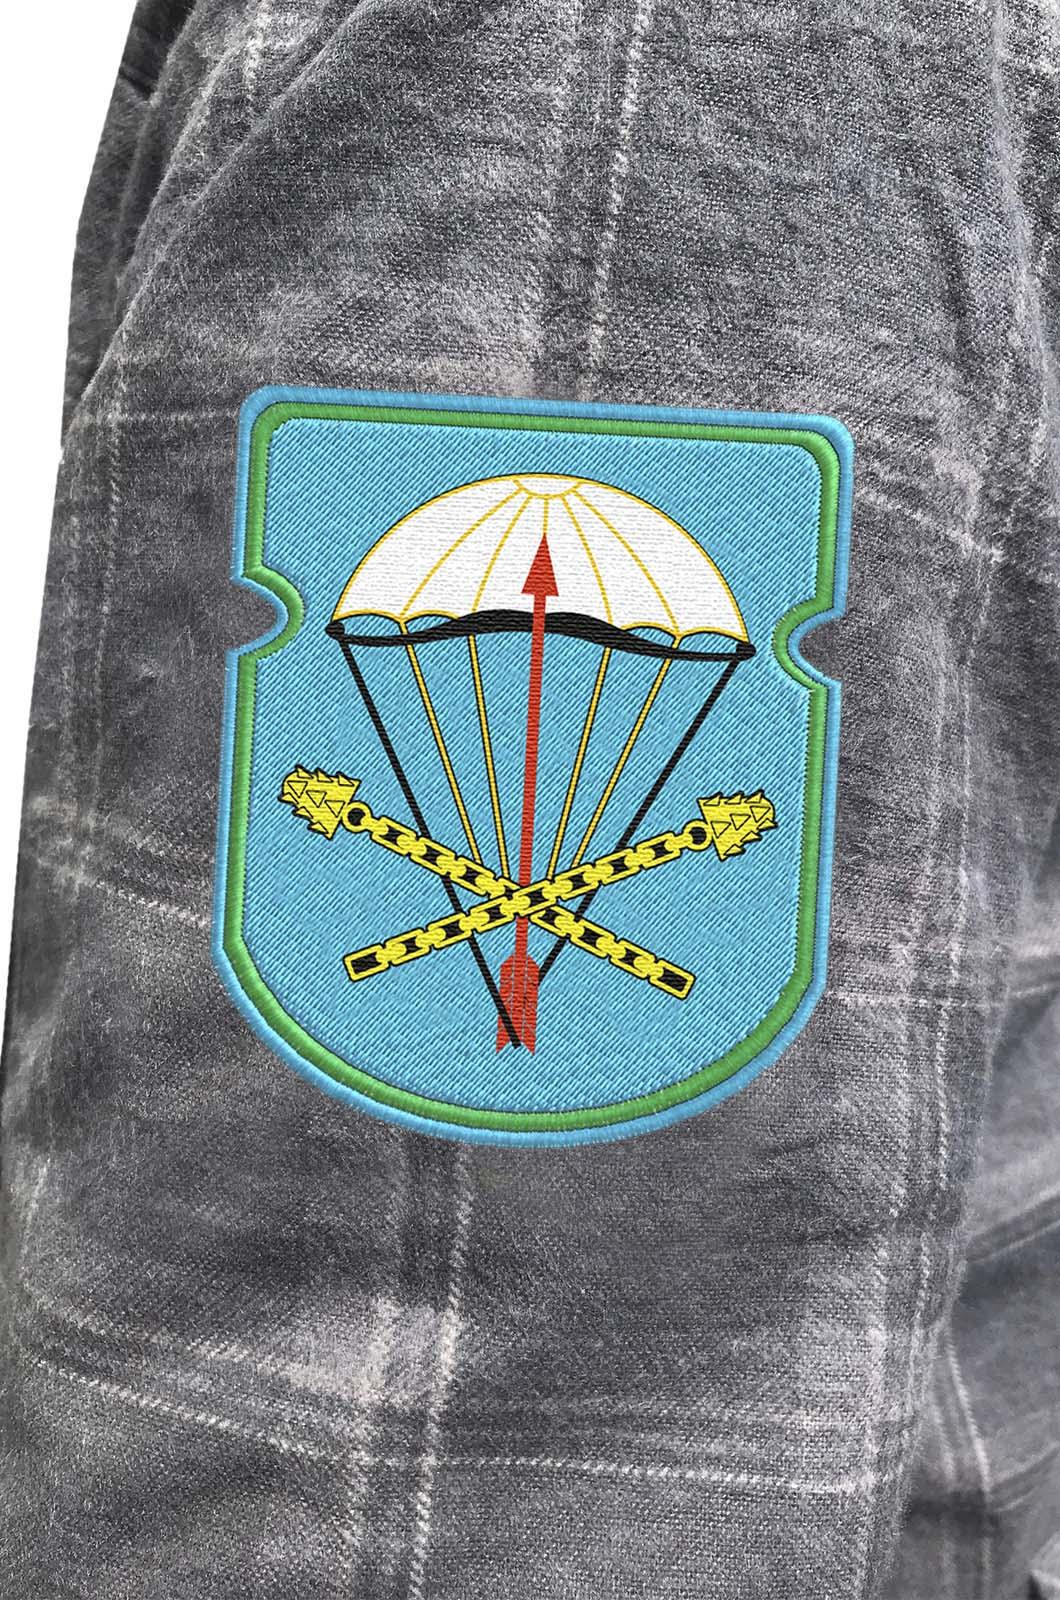 Мужская утепленная рубашка с вышитым шевроном ВДВ 116-й ОПДБ 31 гв. ОДШБр - заказать в Военпро